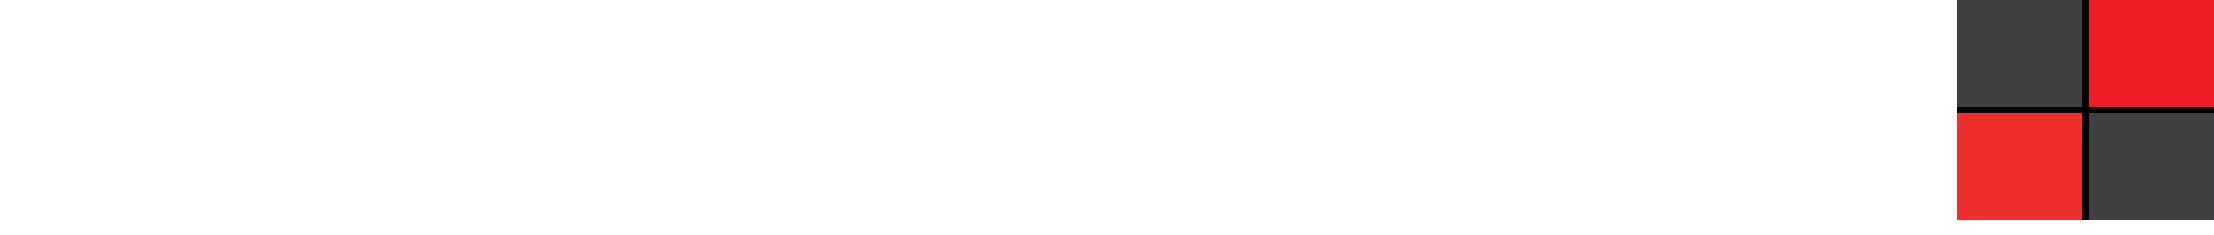 Zanoletti & Bigoni - Arredamenti